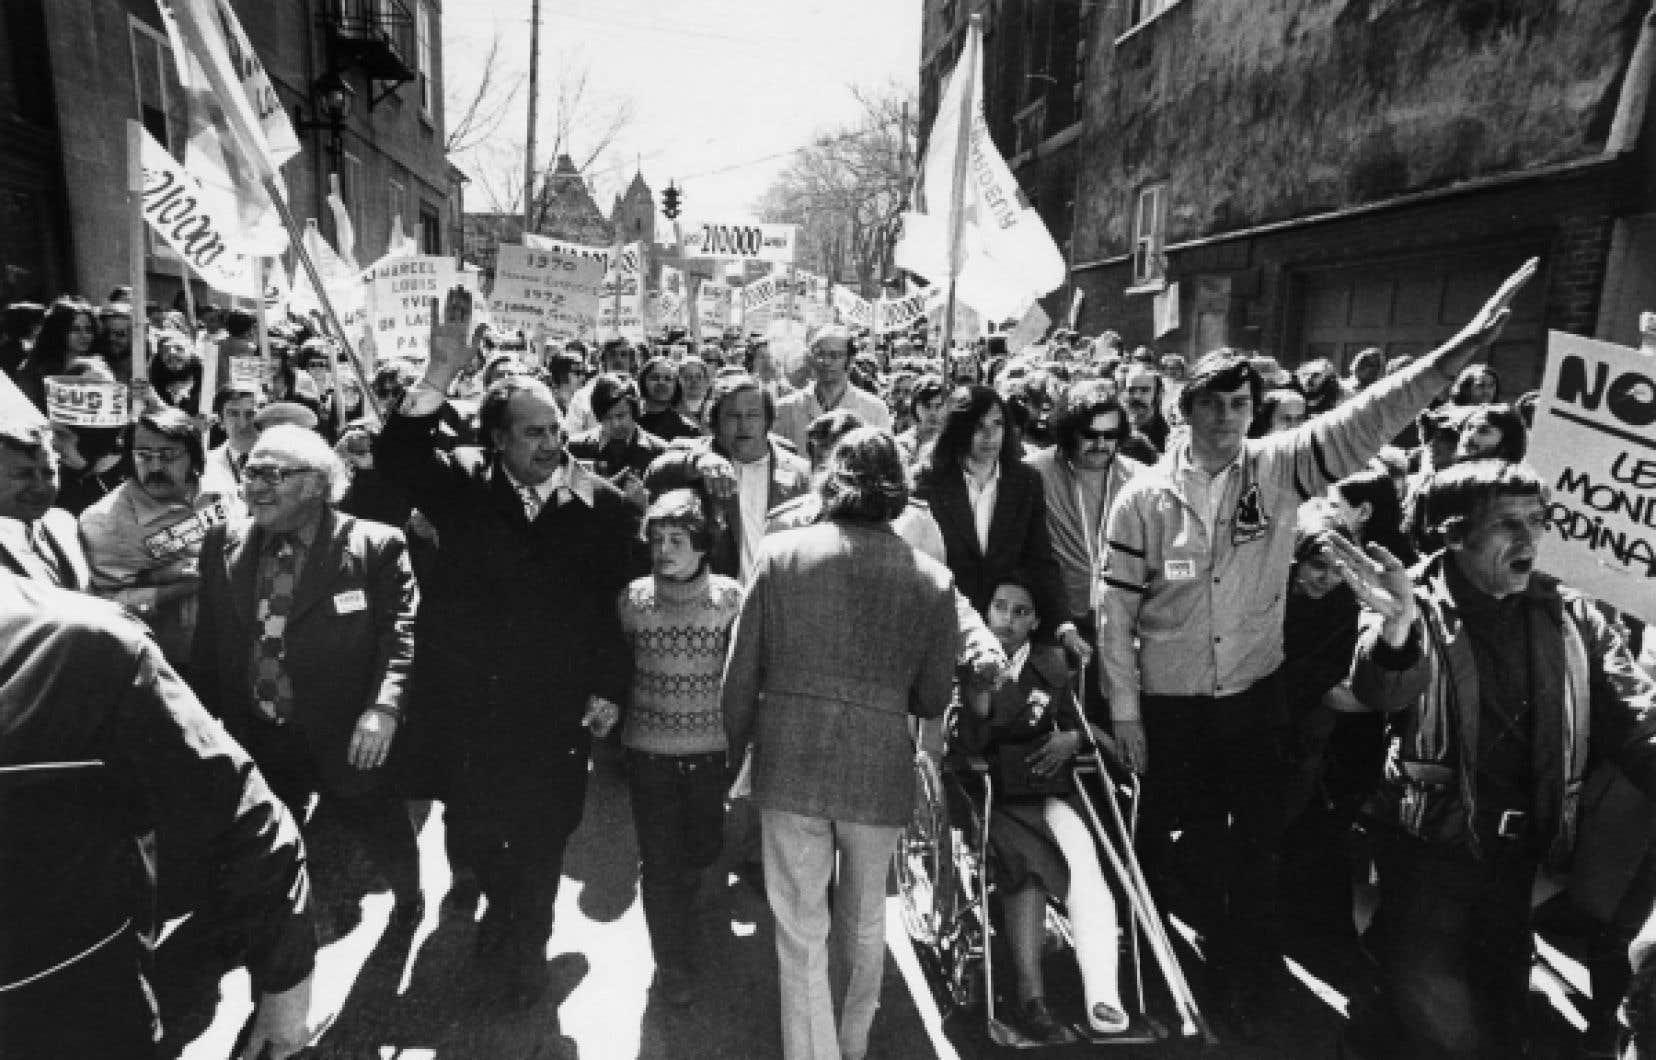 Printemps 1972. Les trois grandes centrales syndicales, soit la FTQ, la CSN et la CEQ, font front commun pour réclamer de meilleures conditions salariales. Le gouvernement de Robert Bourassa adopte une loi spéciale pour forcer le retour au travail des quelque 200 000 grévistes.